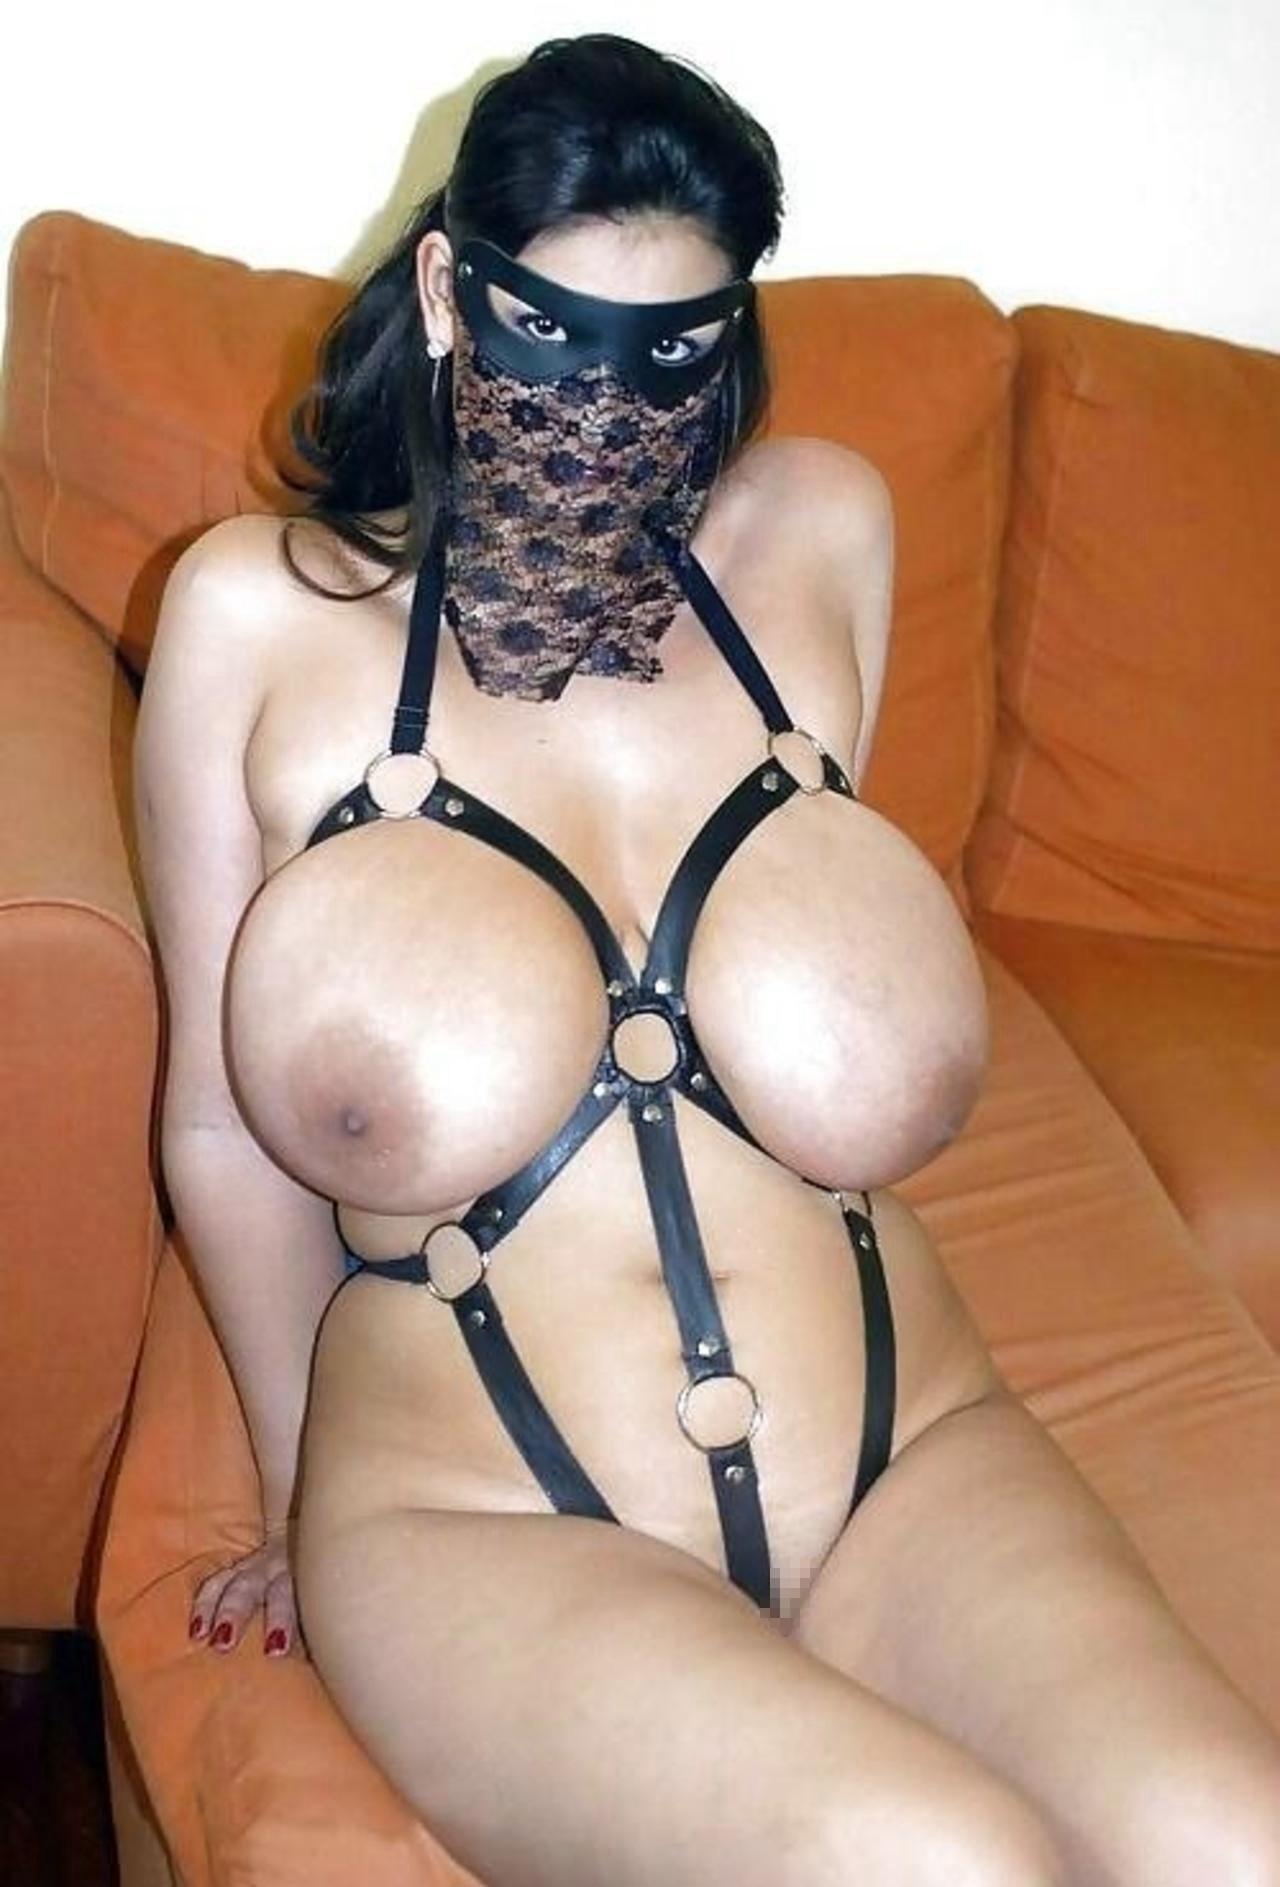 処女の娘が多いイスラム女子、脱いだらすごかった・・・・・(画像あり)・5枚目